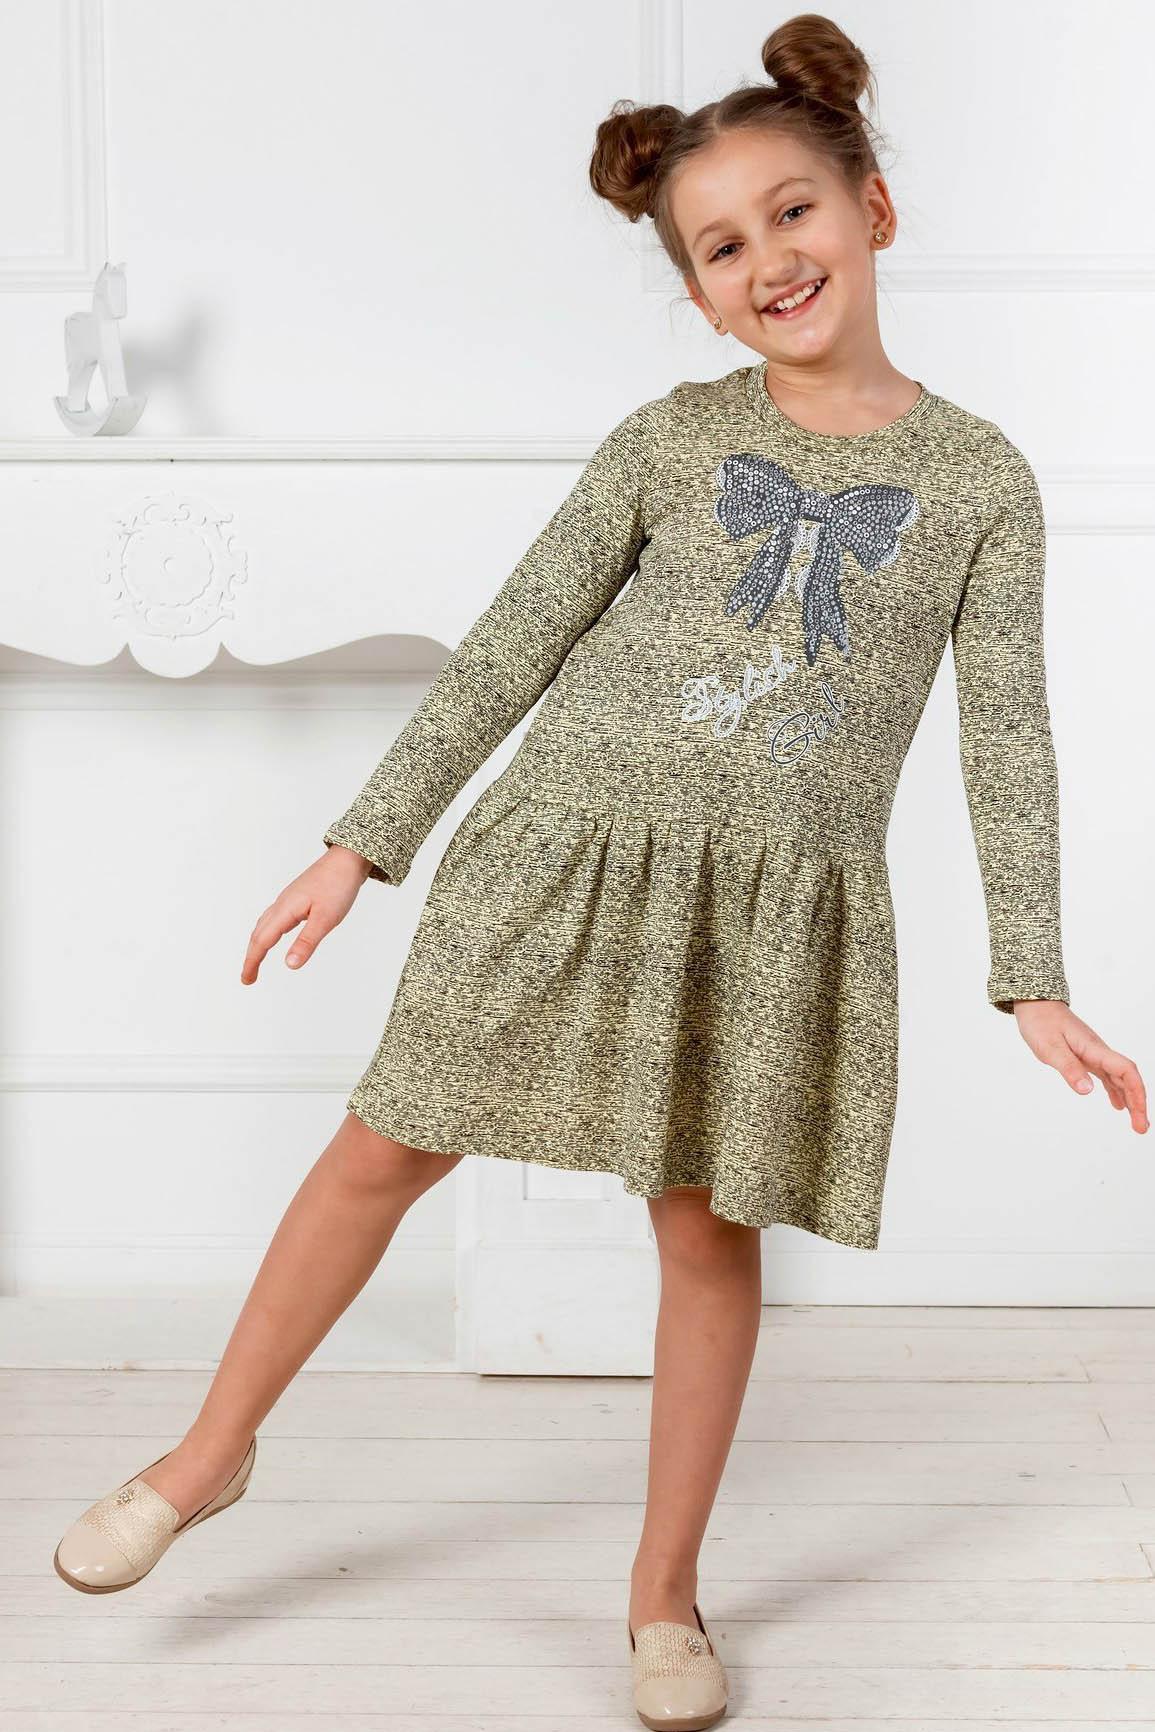 Детская домашняя одежда Pastilla Платье Маленькая Леди (7 лет) купить часы мальчику 7 лет